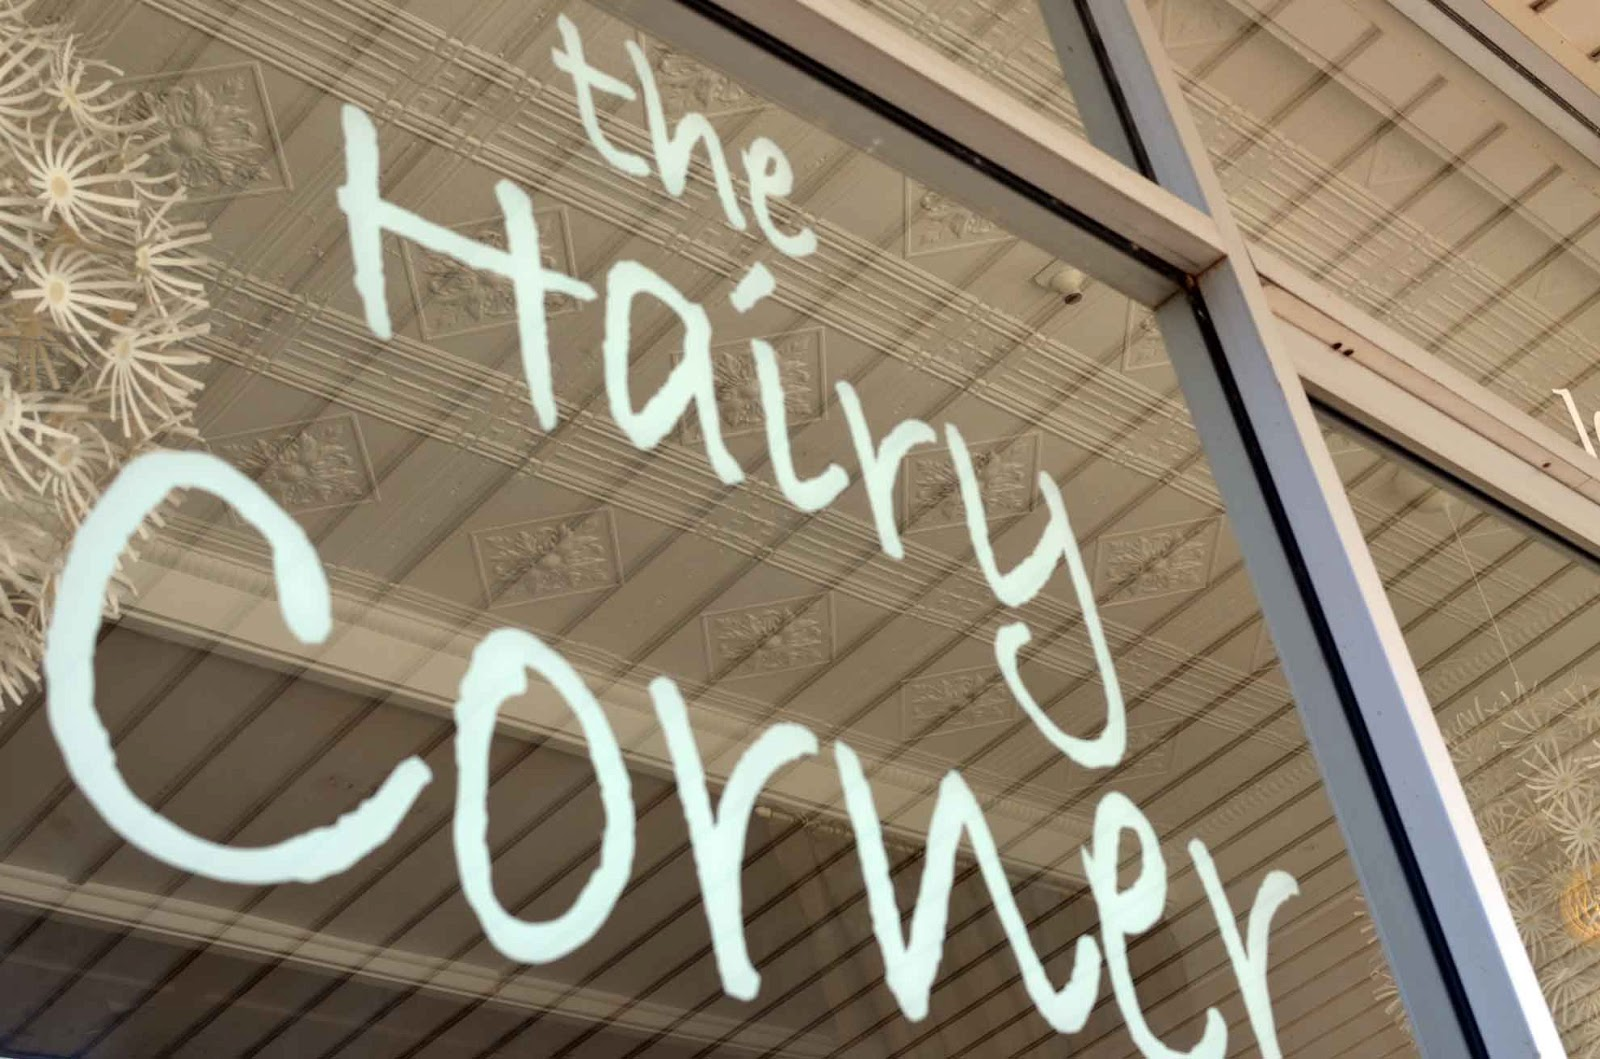 Hairy corner